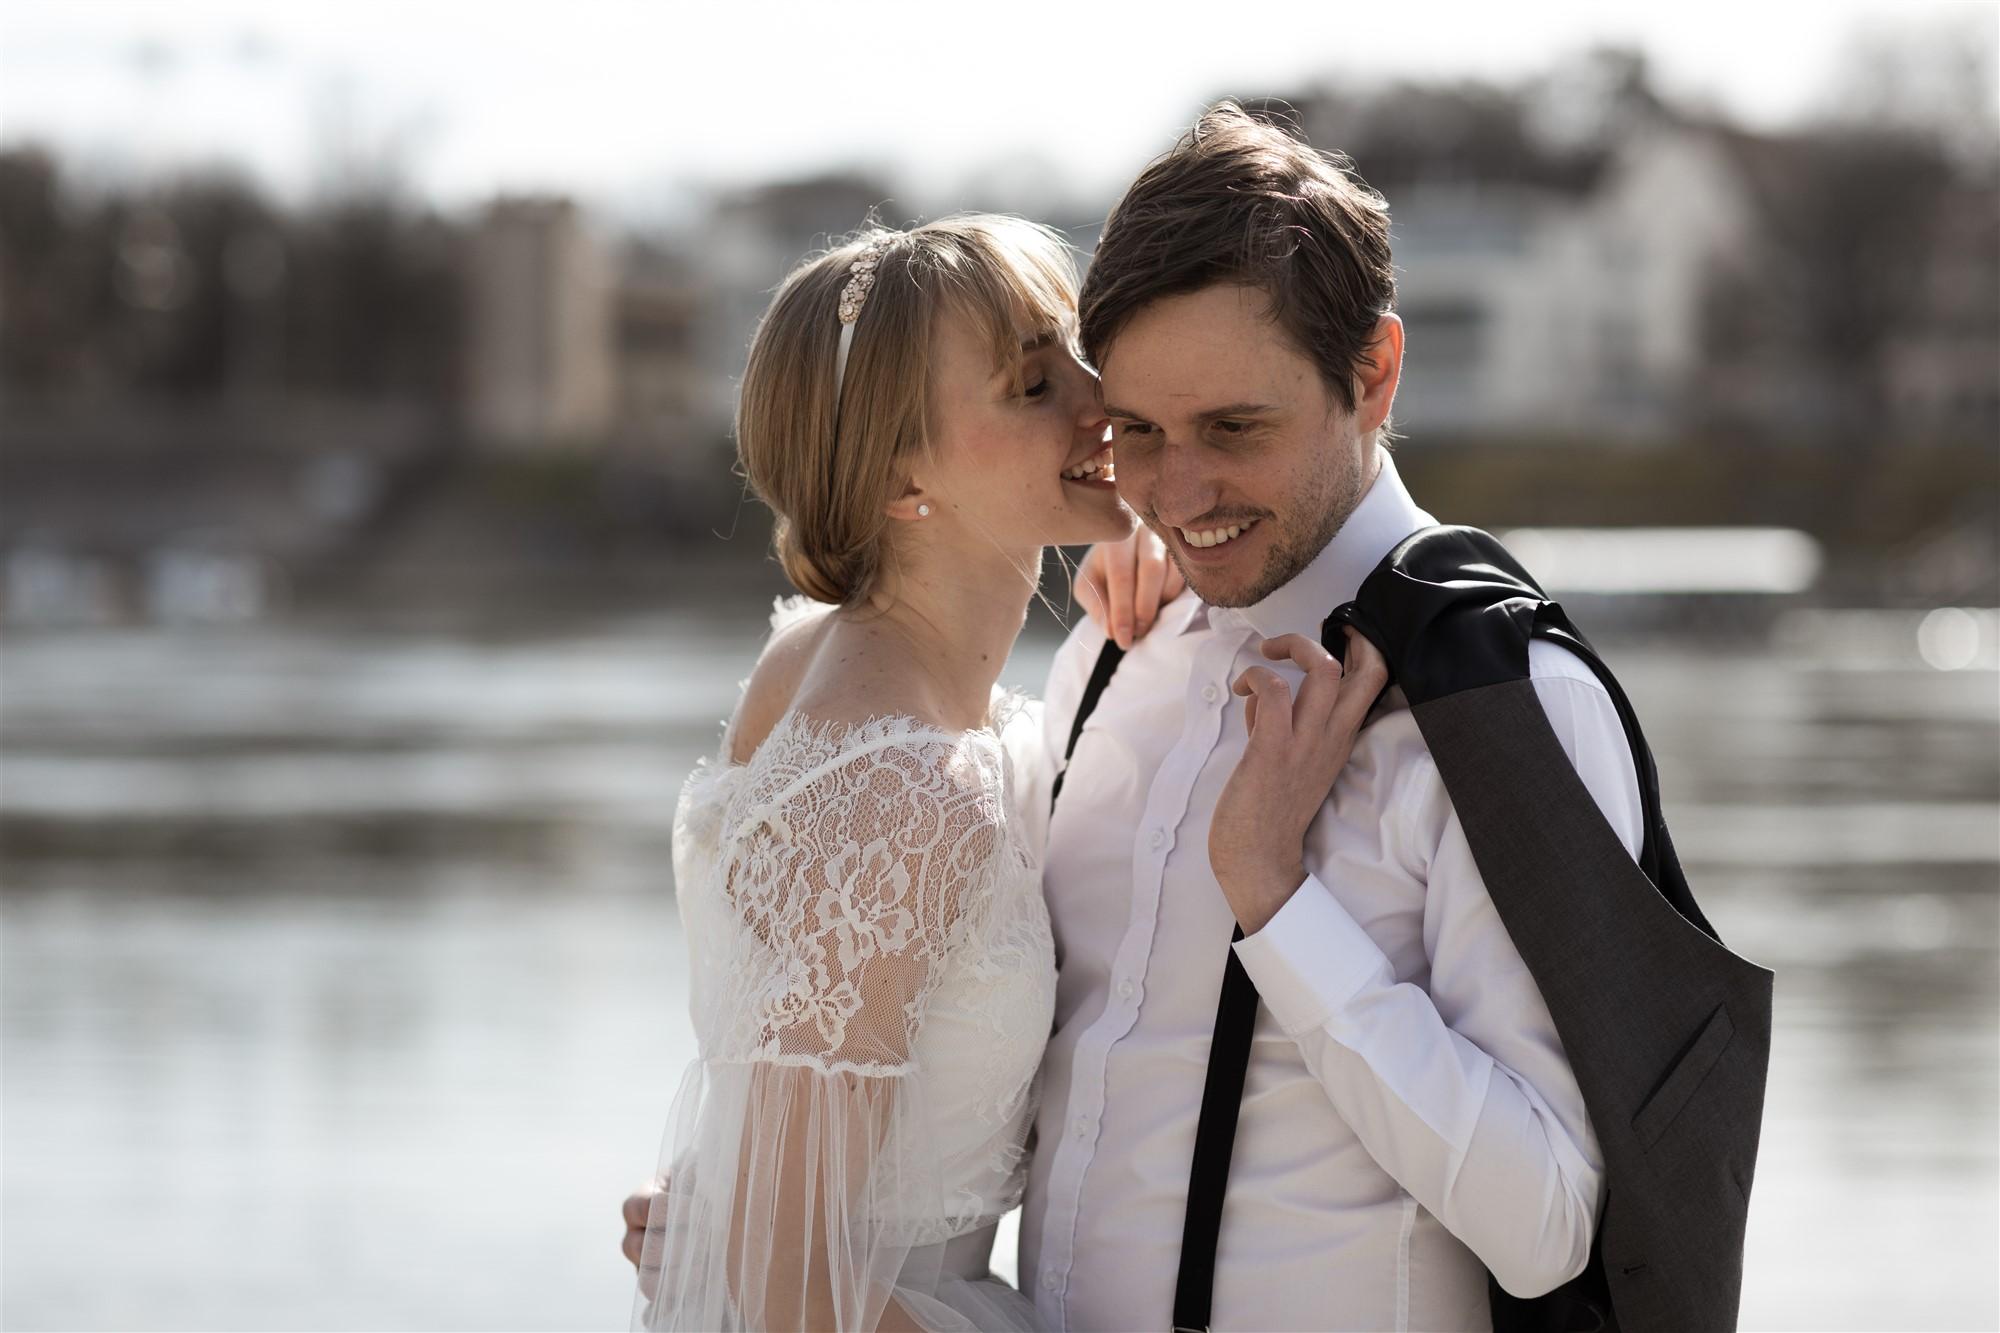 Romantisches Fotoshooting mit dem verliebten Paar am Rhein in Basel